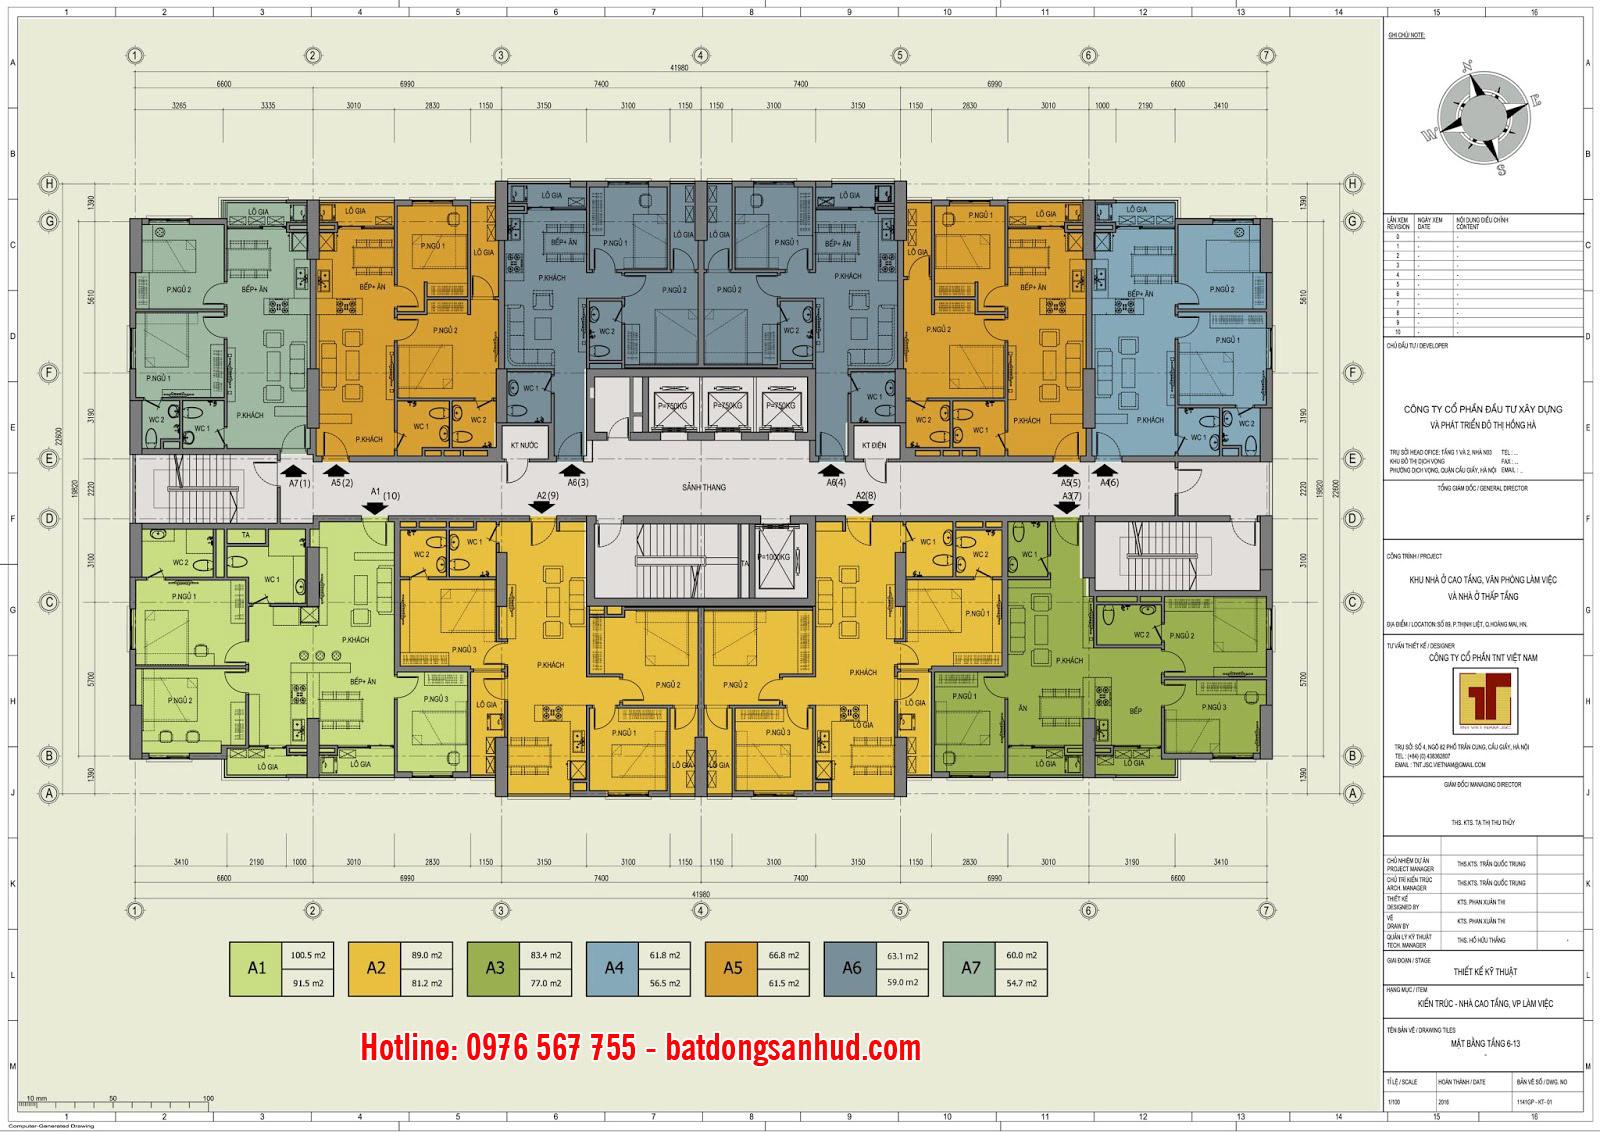 Mặt bằng căn hộ tầng 6 đến 13 Hồng Hà Tower